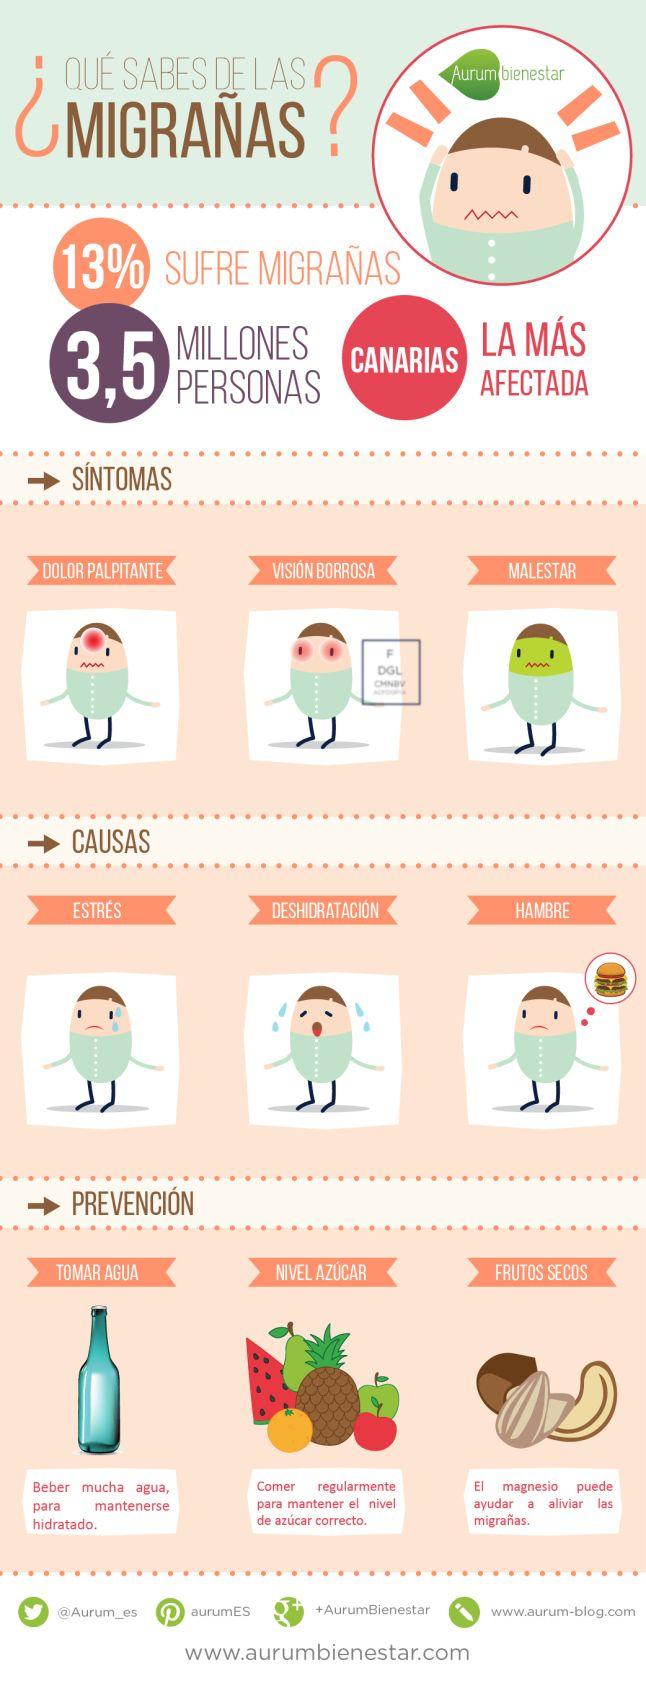 medicina para tratar la gota consejos para curar la gota dieta acido urico gota